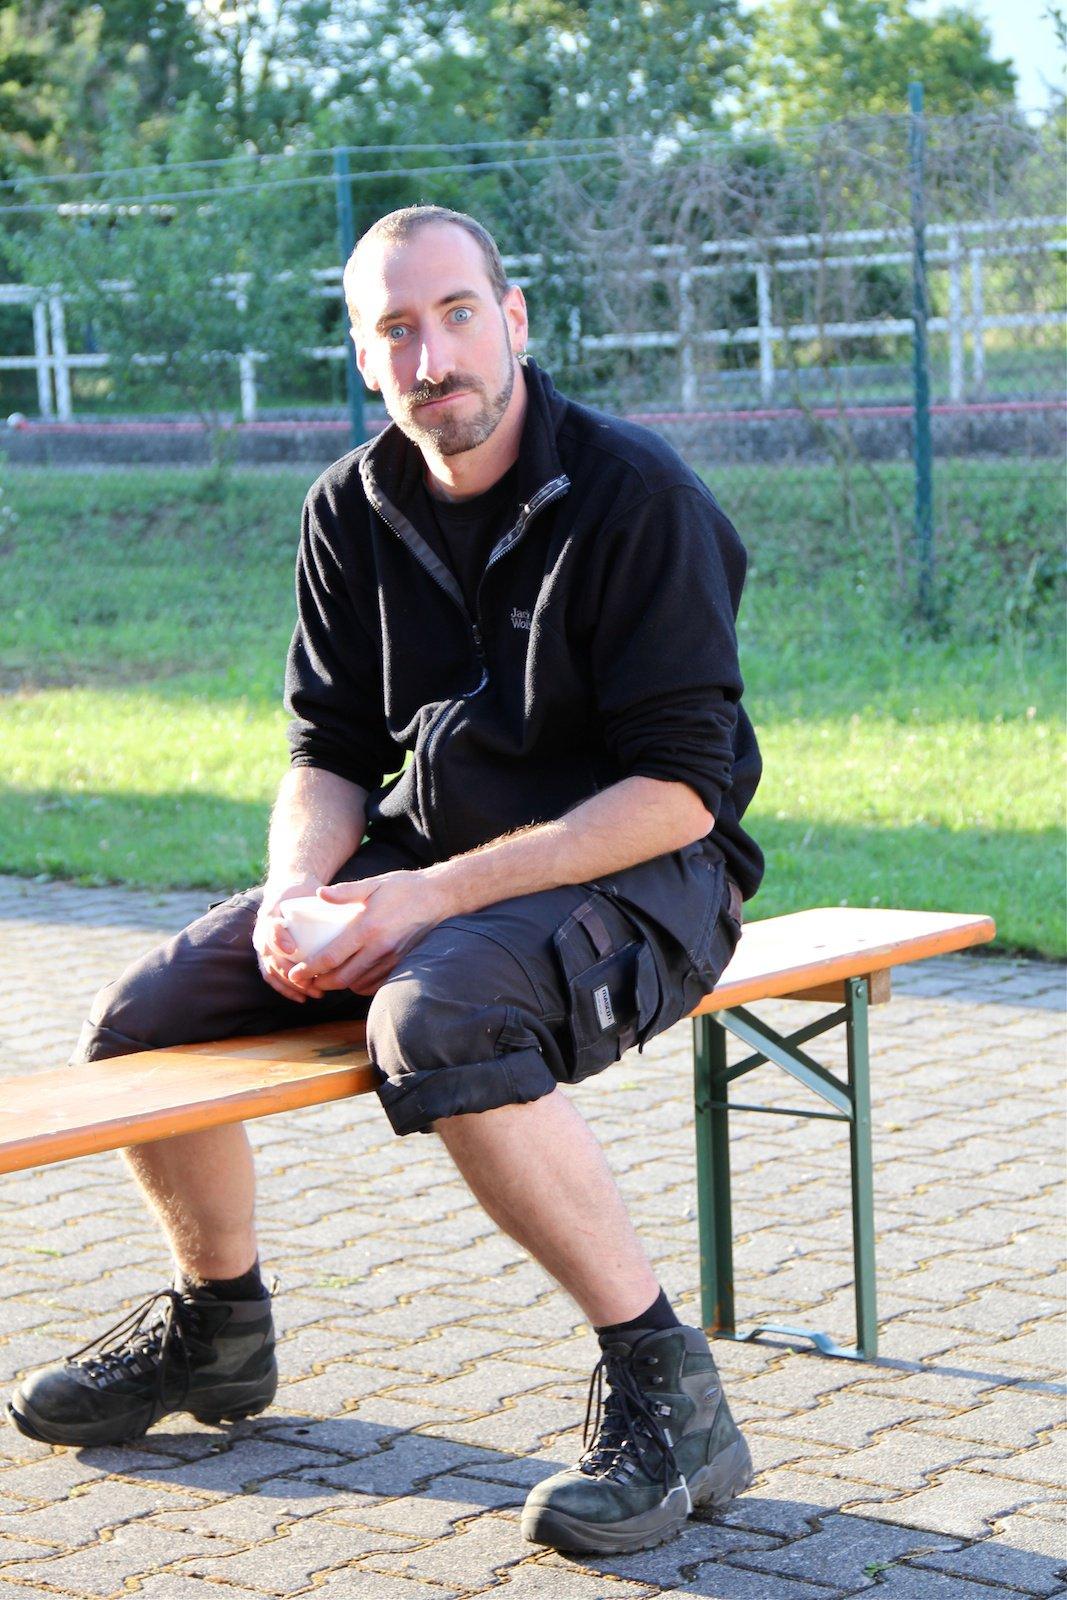 J.B.O. - Sommerfesthalle Otterstadt 18.06.2011 - 07